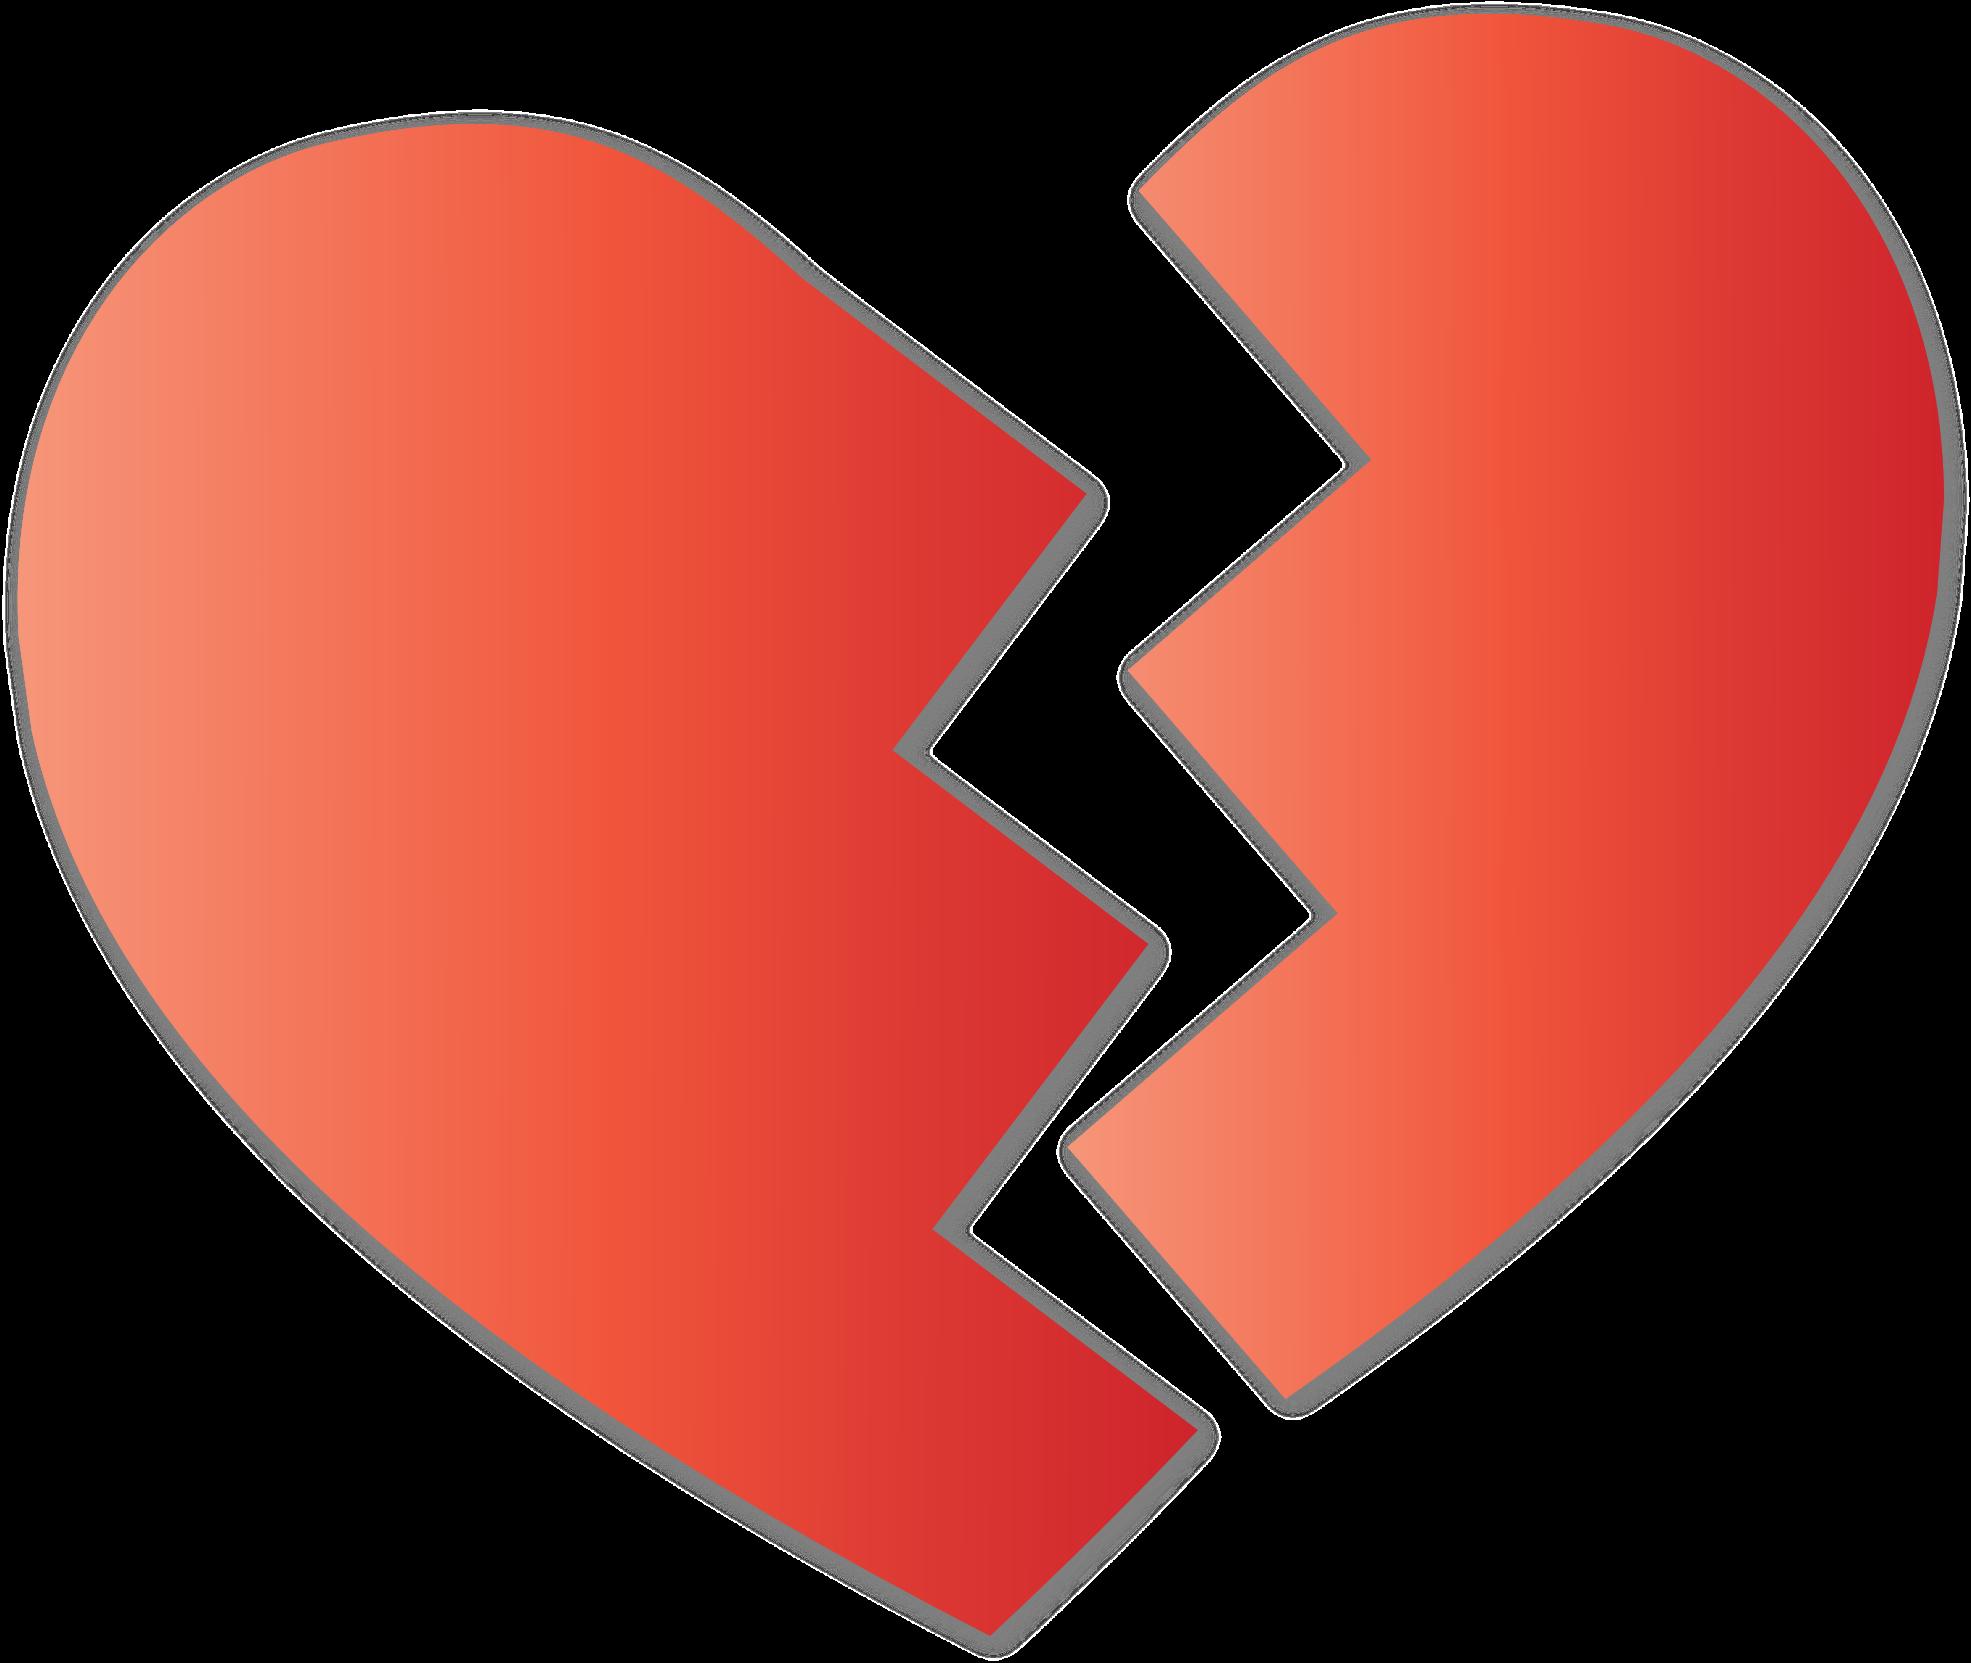 Broken Heart Vector Clipart image.